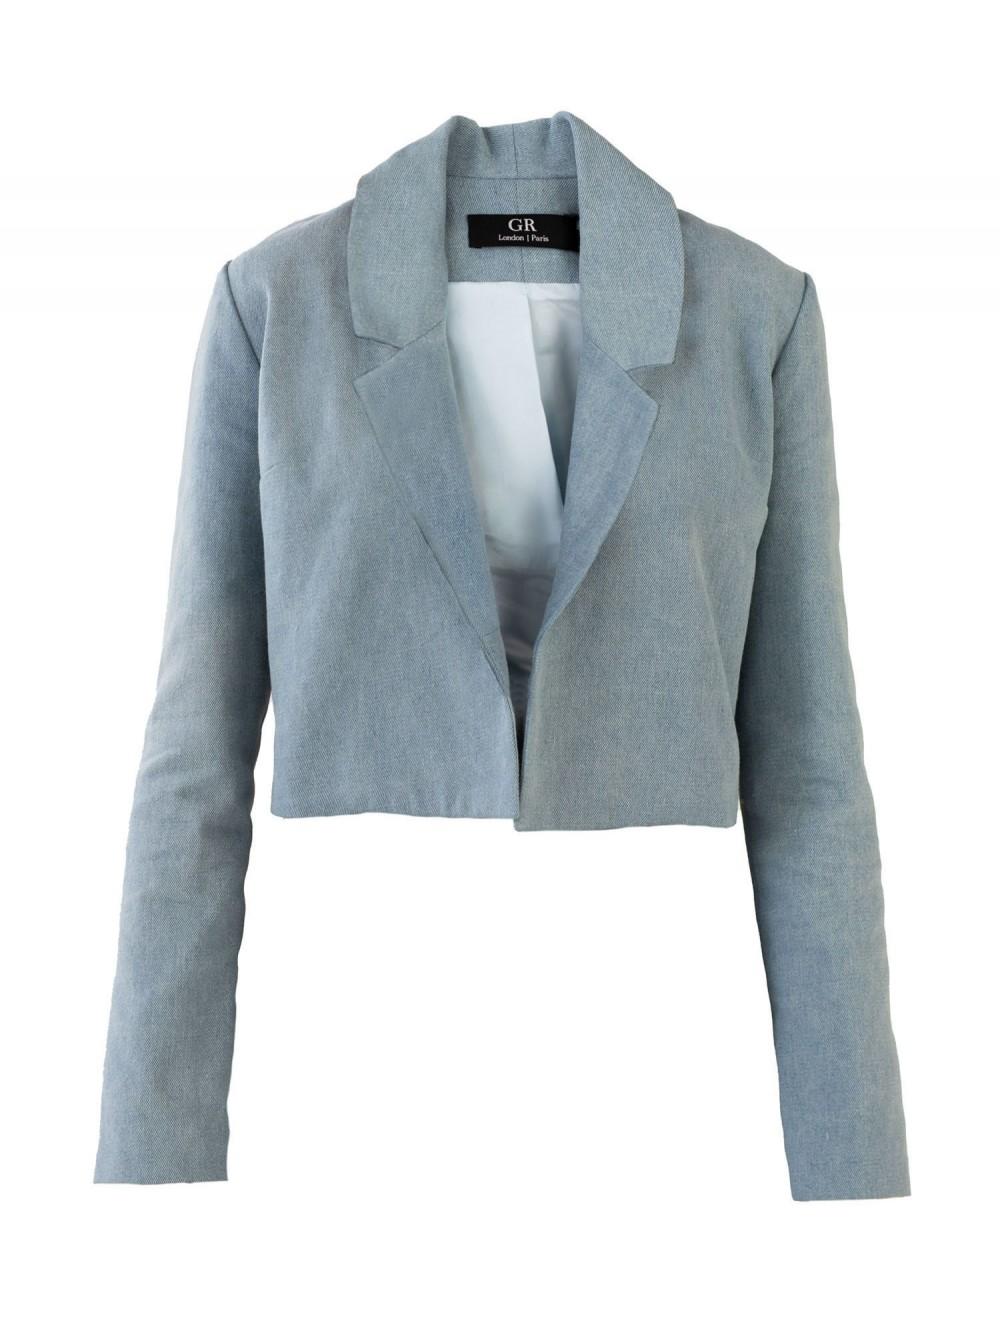 Cropped Denim Jacket | L.O.N.E.L.Y